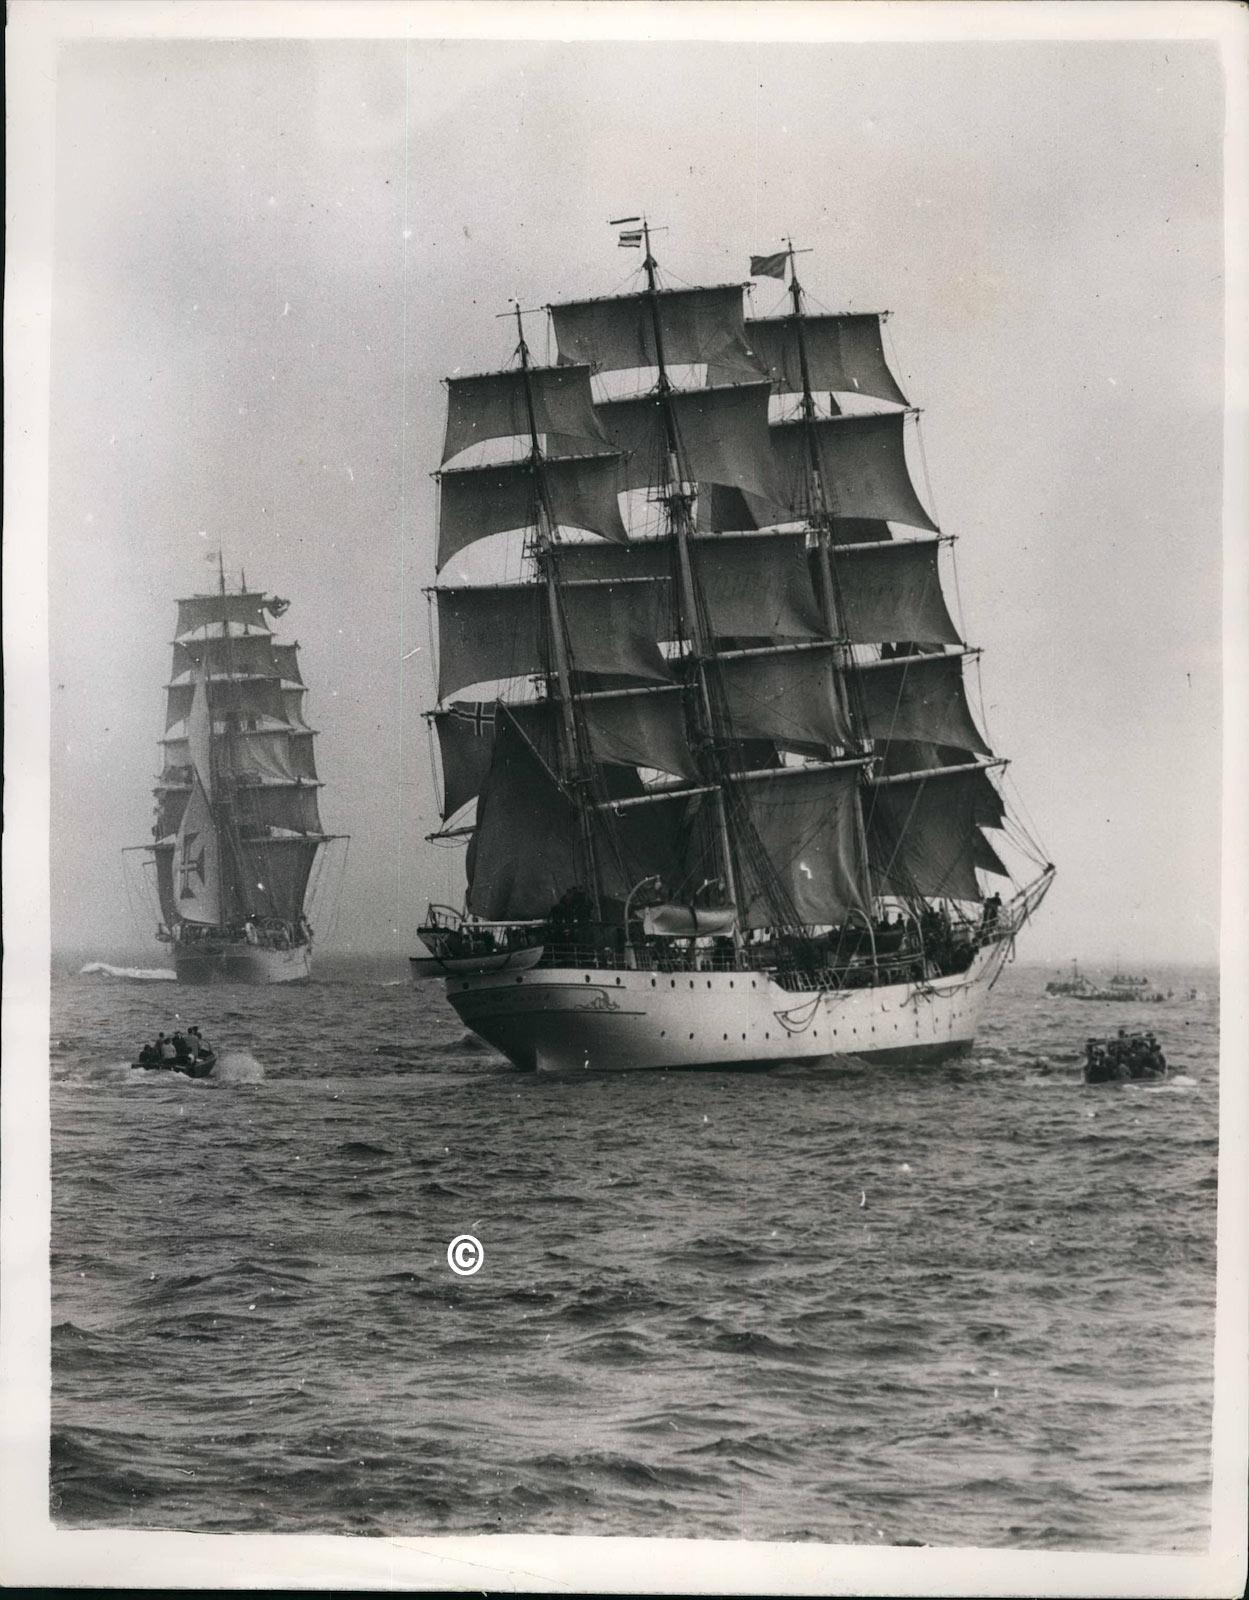 7. juli 1953. - 22 seilskuteskip har her nettopp startet på deres regatta fra Torbay til Lisboa. Bildet viser barken ''Sagres'' til venstre og Christian Radich nærmest og i midten av bildet.